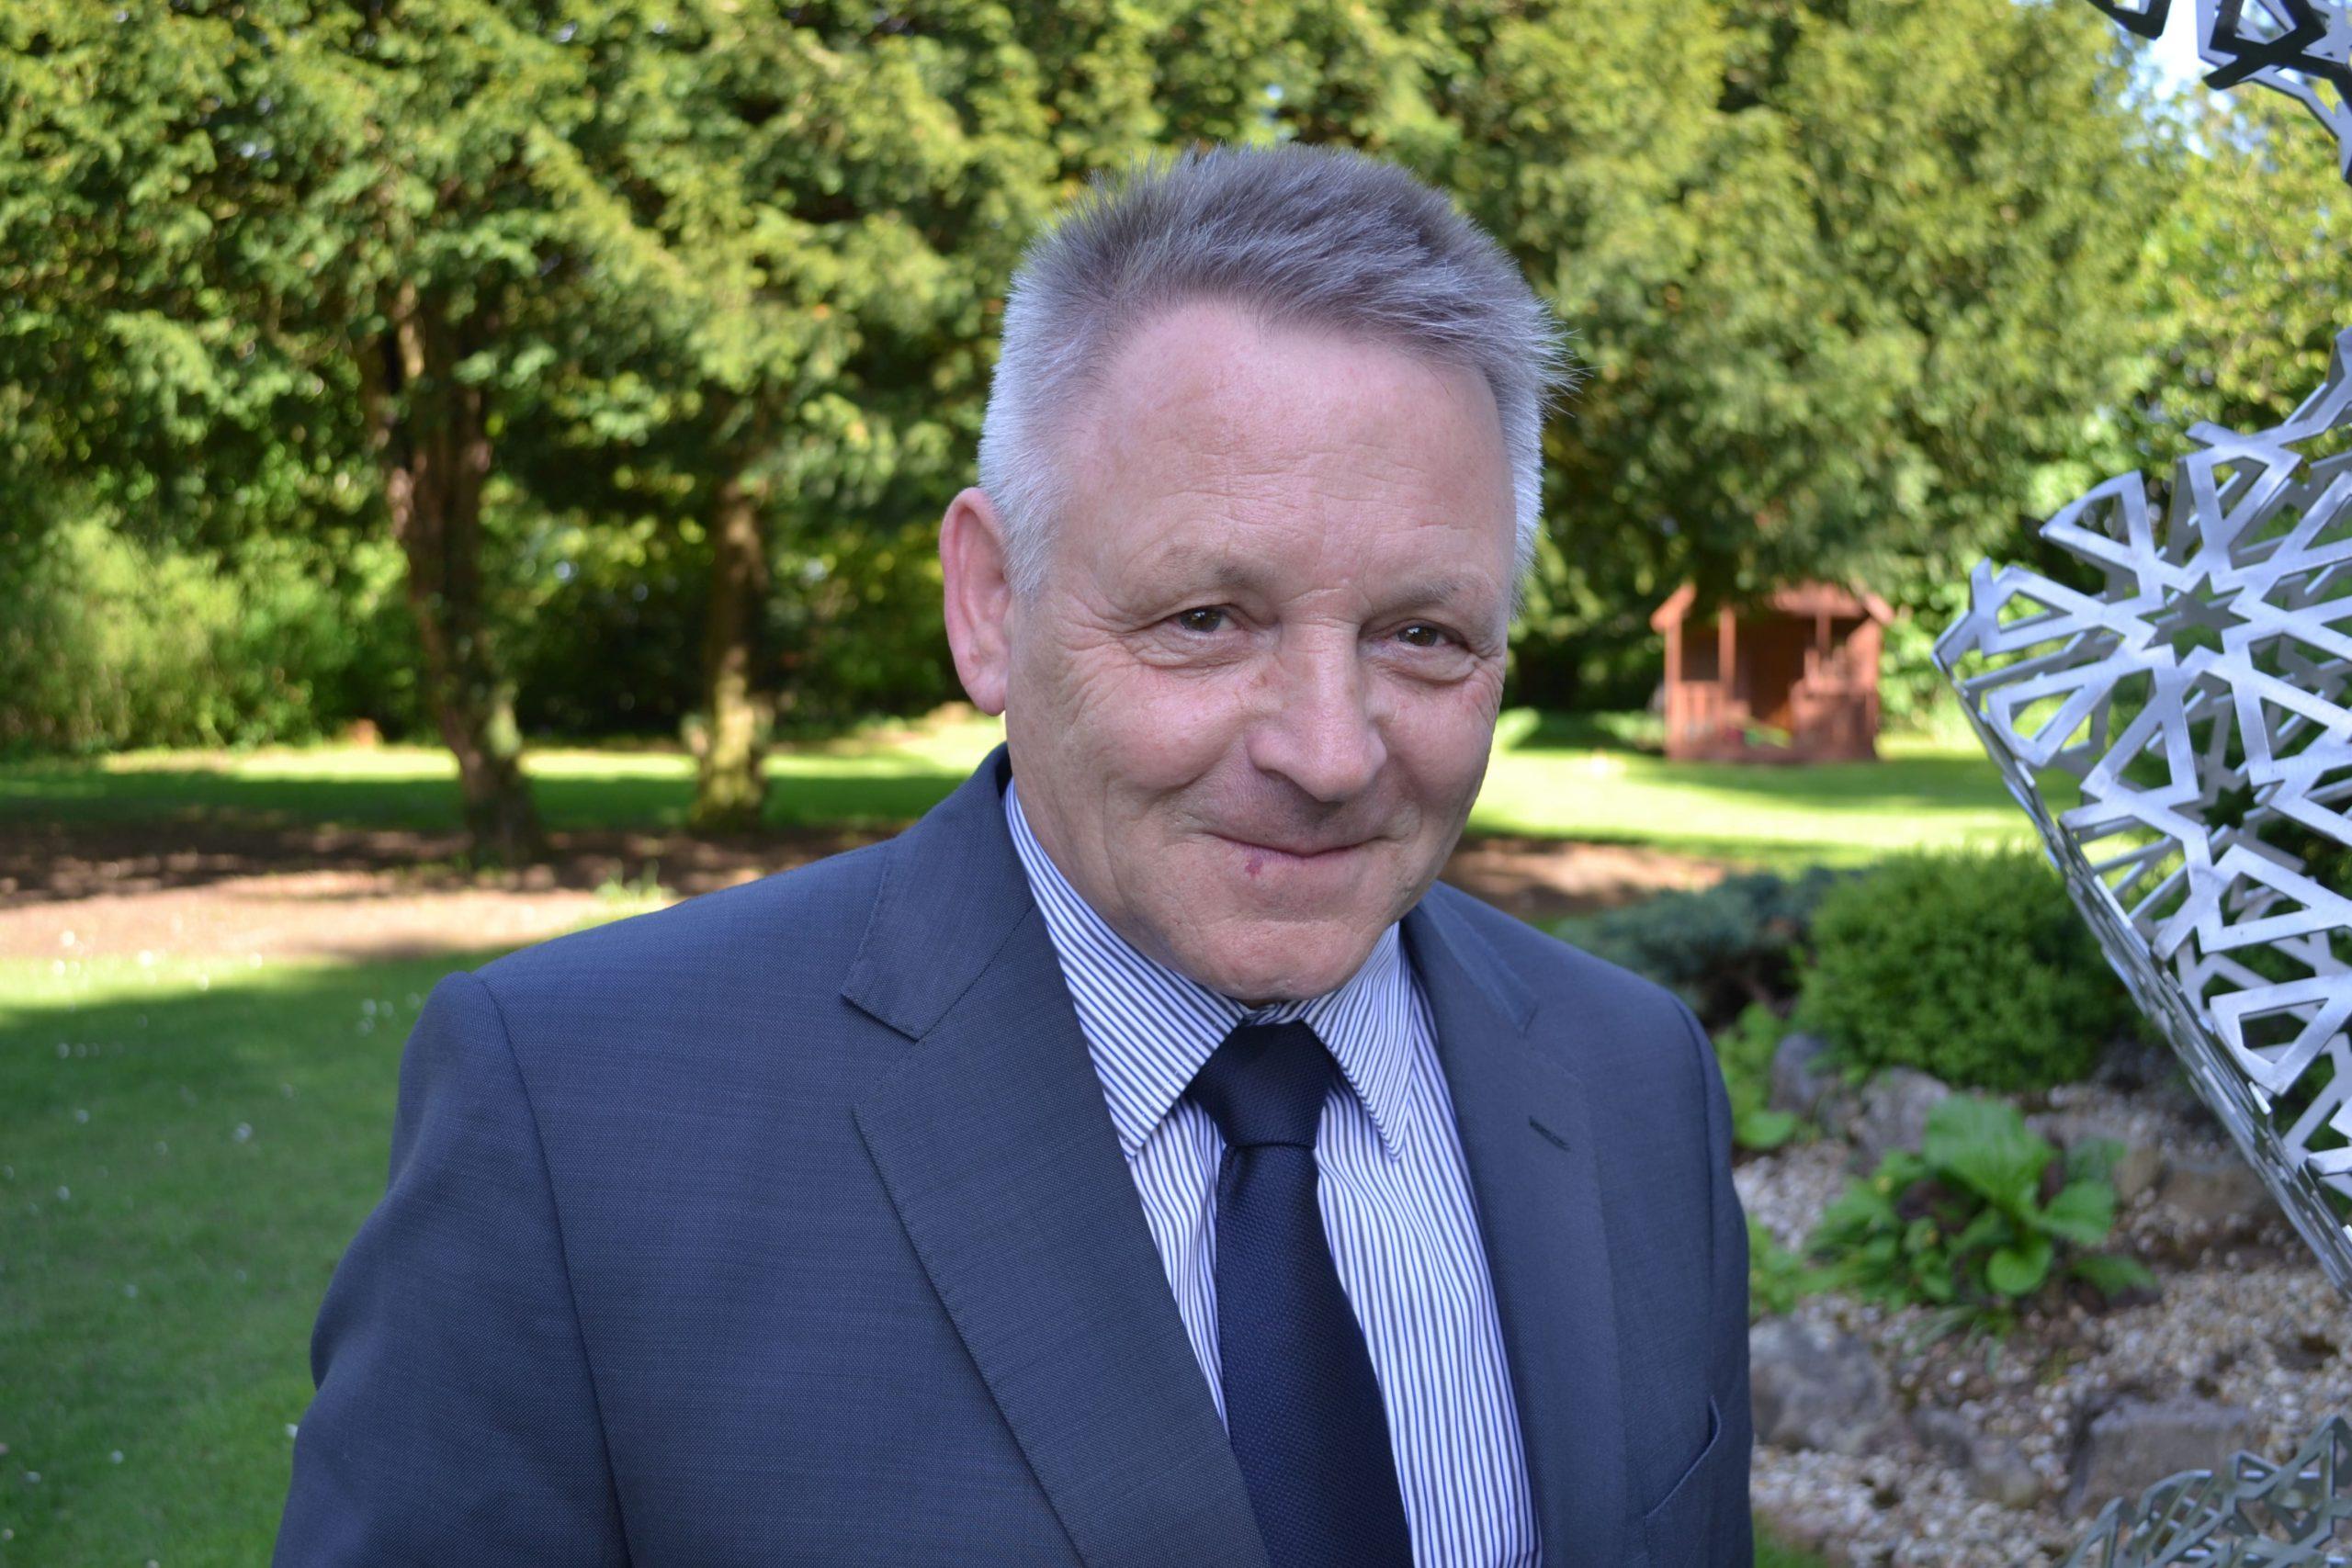 Adrian Witty